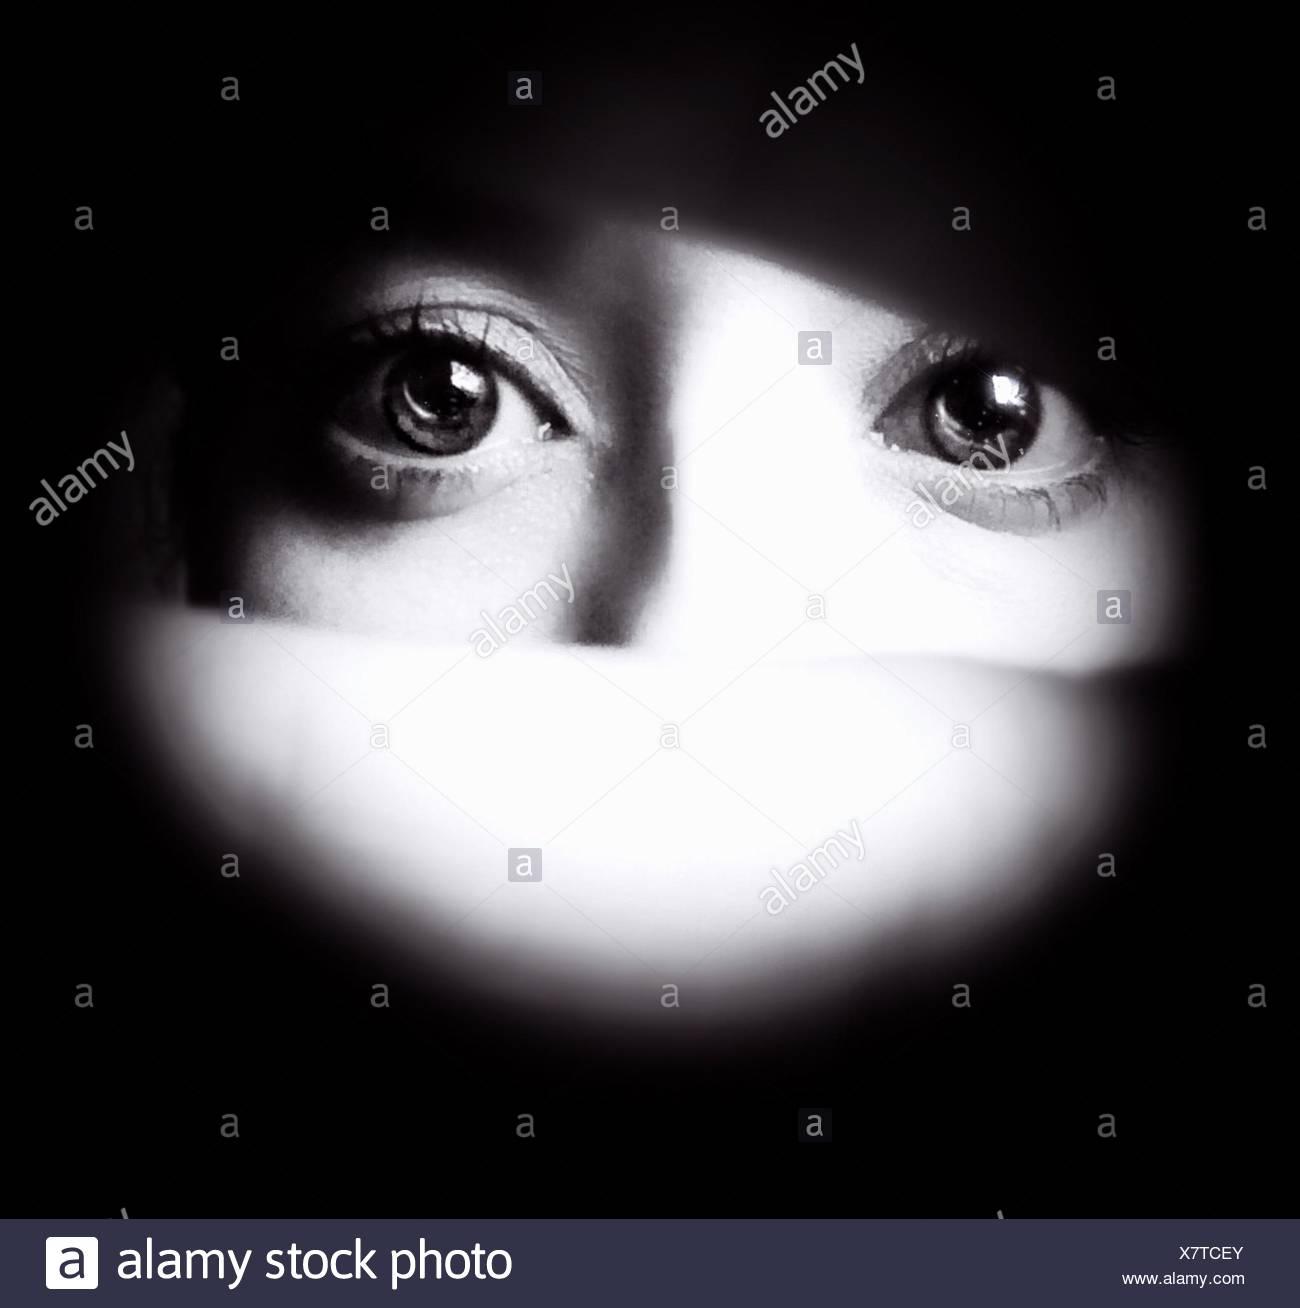 Detail Of Human Eyes - Stock Image